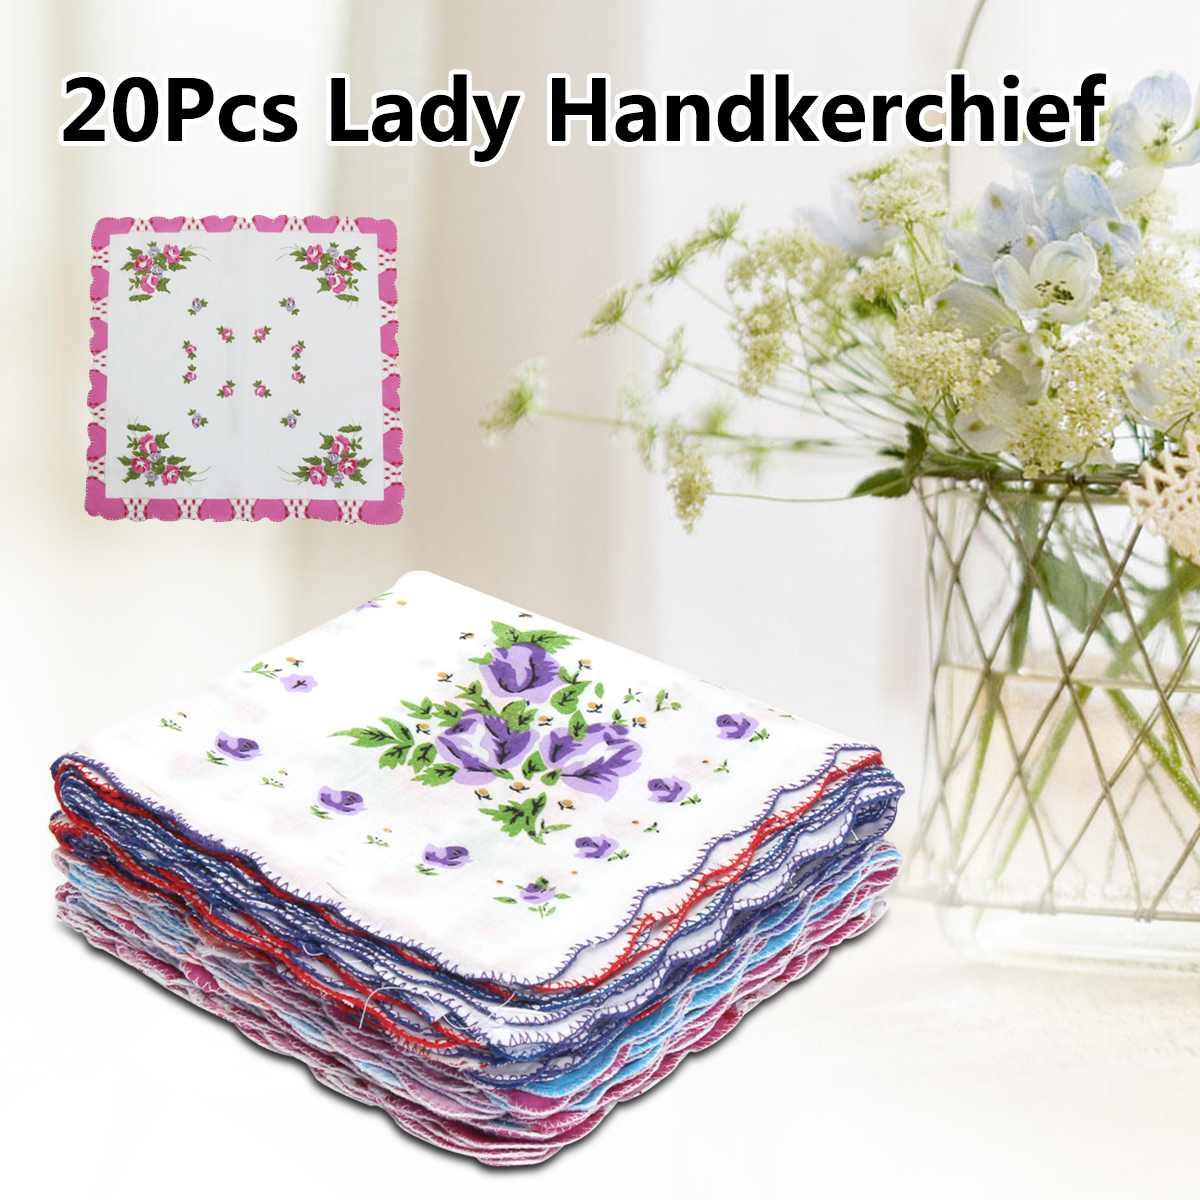 20Pcs/lot Vintage Style Floral Flowers Handkerchief Lady Women Kids Cotton Hanky Cotton Square Handkerchief Hand Towels Decor